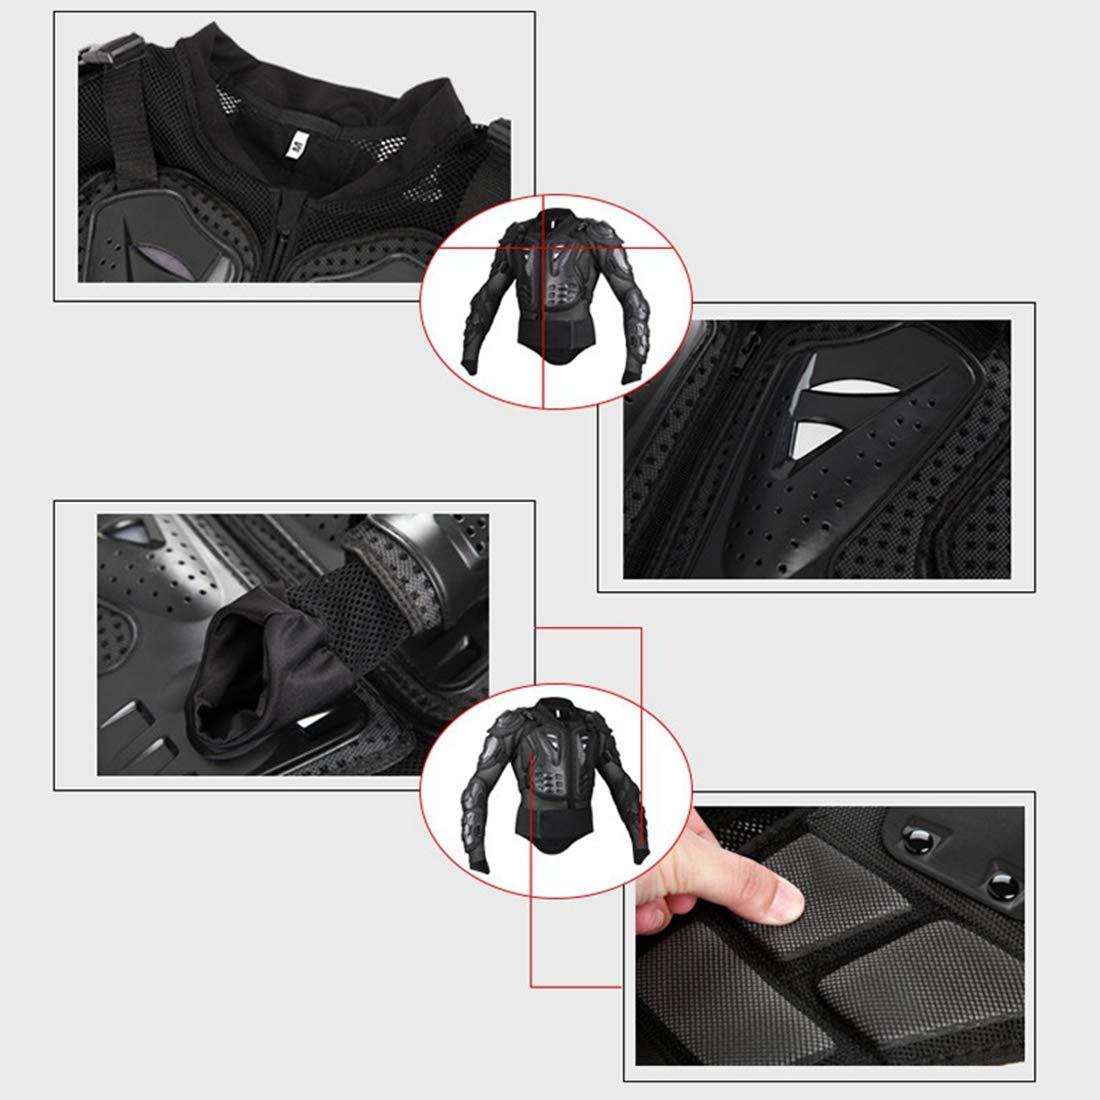 Chaqueta de Protecci/ón para Motocross Coraza Protectora para Cuerpo Profesional de Motocicleta Transpirable C/ómodo al Aire Libre Negro Rojo M Xianheng Chaqueta de Moto